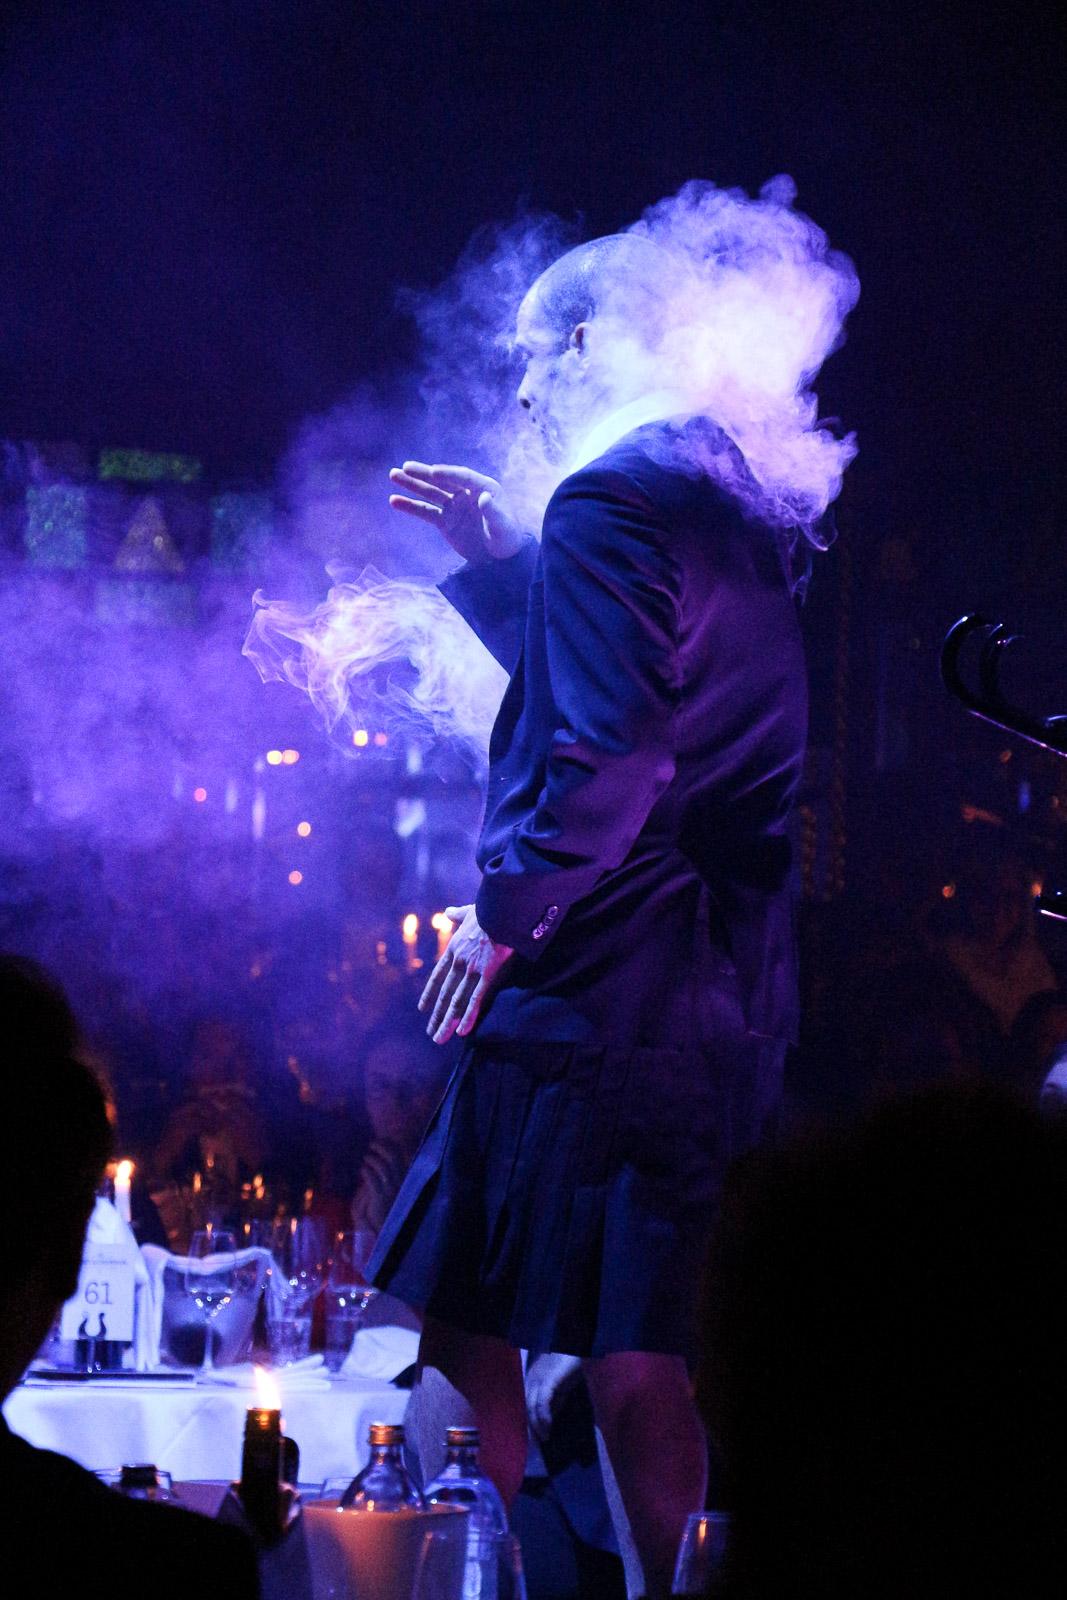 """LIFESTYLE: Eckart Witzigmann Palazzo Graz - Die neue Dinnershow """"Unikate"""", Miss Classy, Lifestyle Blog Graz, Graz, Steiermark, Österreich, classy, beclassy, Palazzo Graz, Eckart Witzigmann, Dinnershow, Cabaret, Zirkus, Artisten, Spiegelpalast, MCG, Grazer Messe, Show, Unterhaltung"""